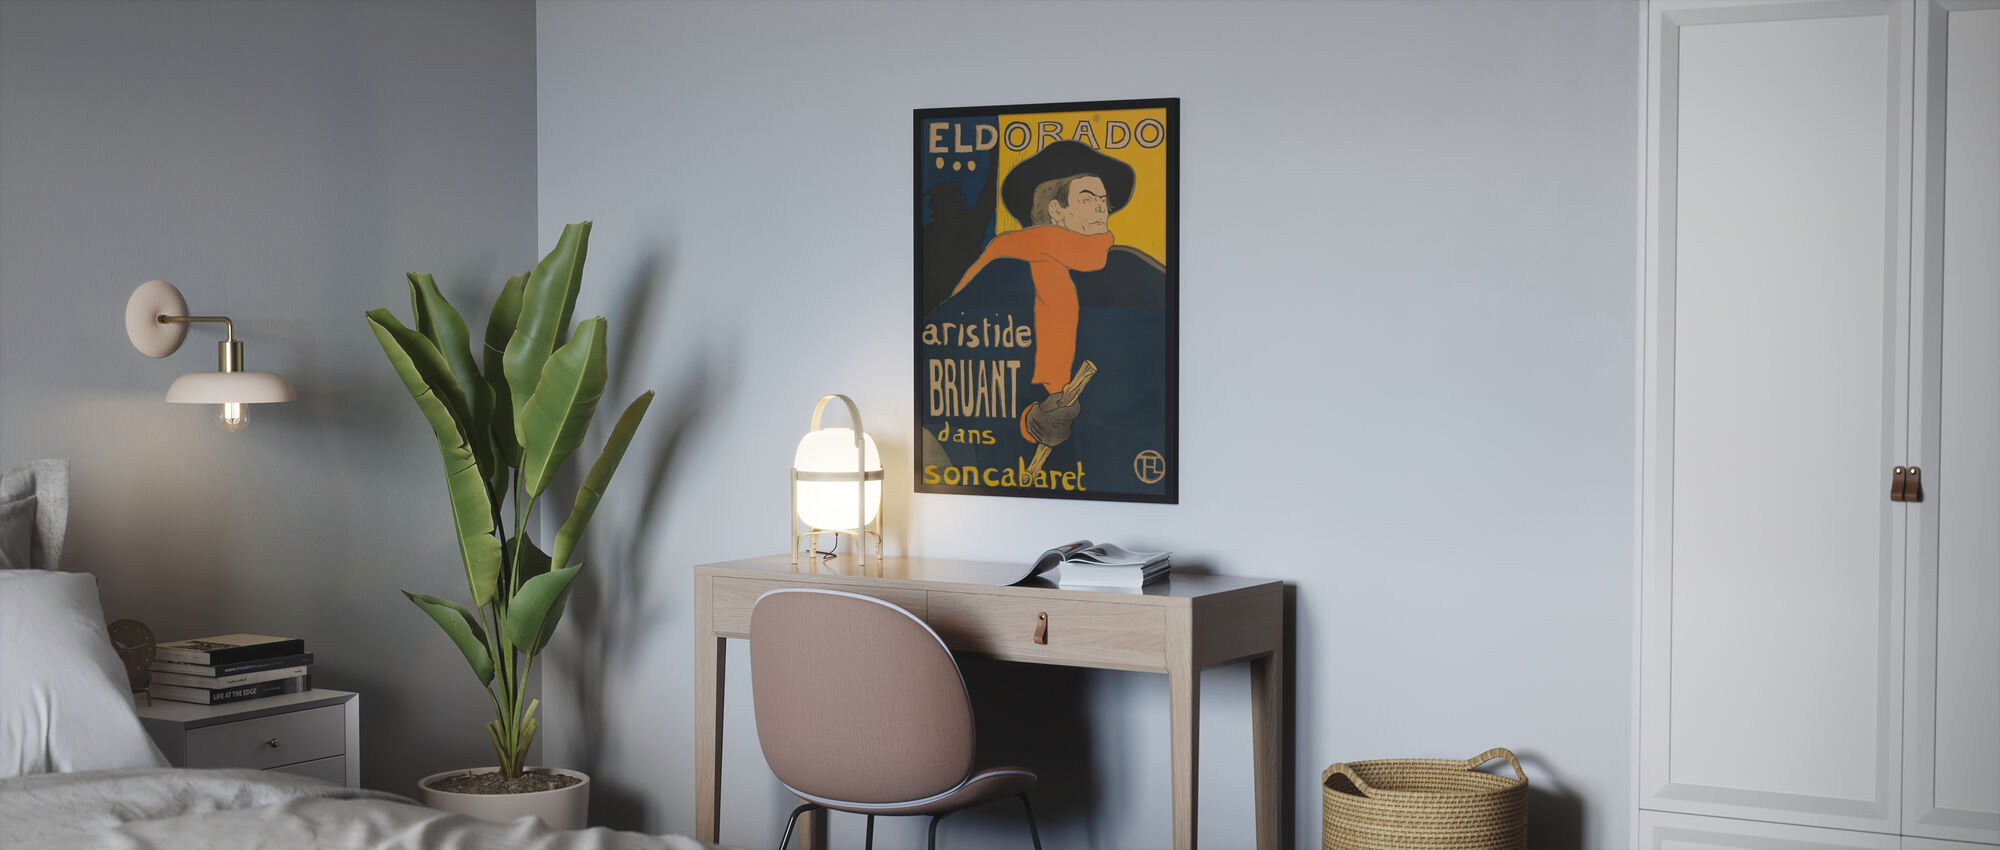 Café konsert Eldorado - Aristide Bruant - Plakat - Soverom